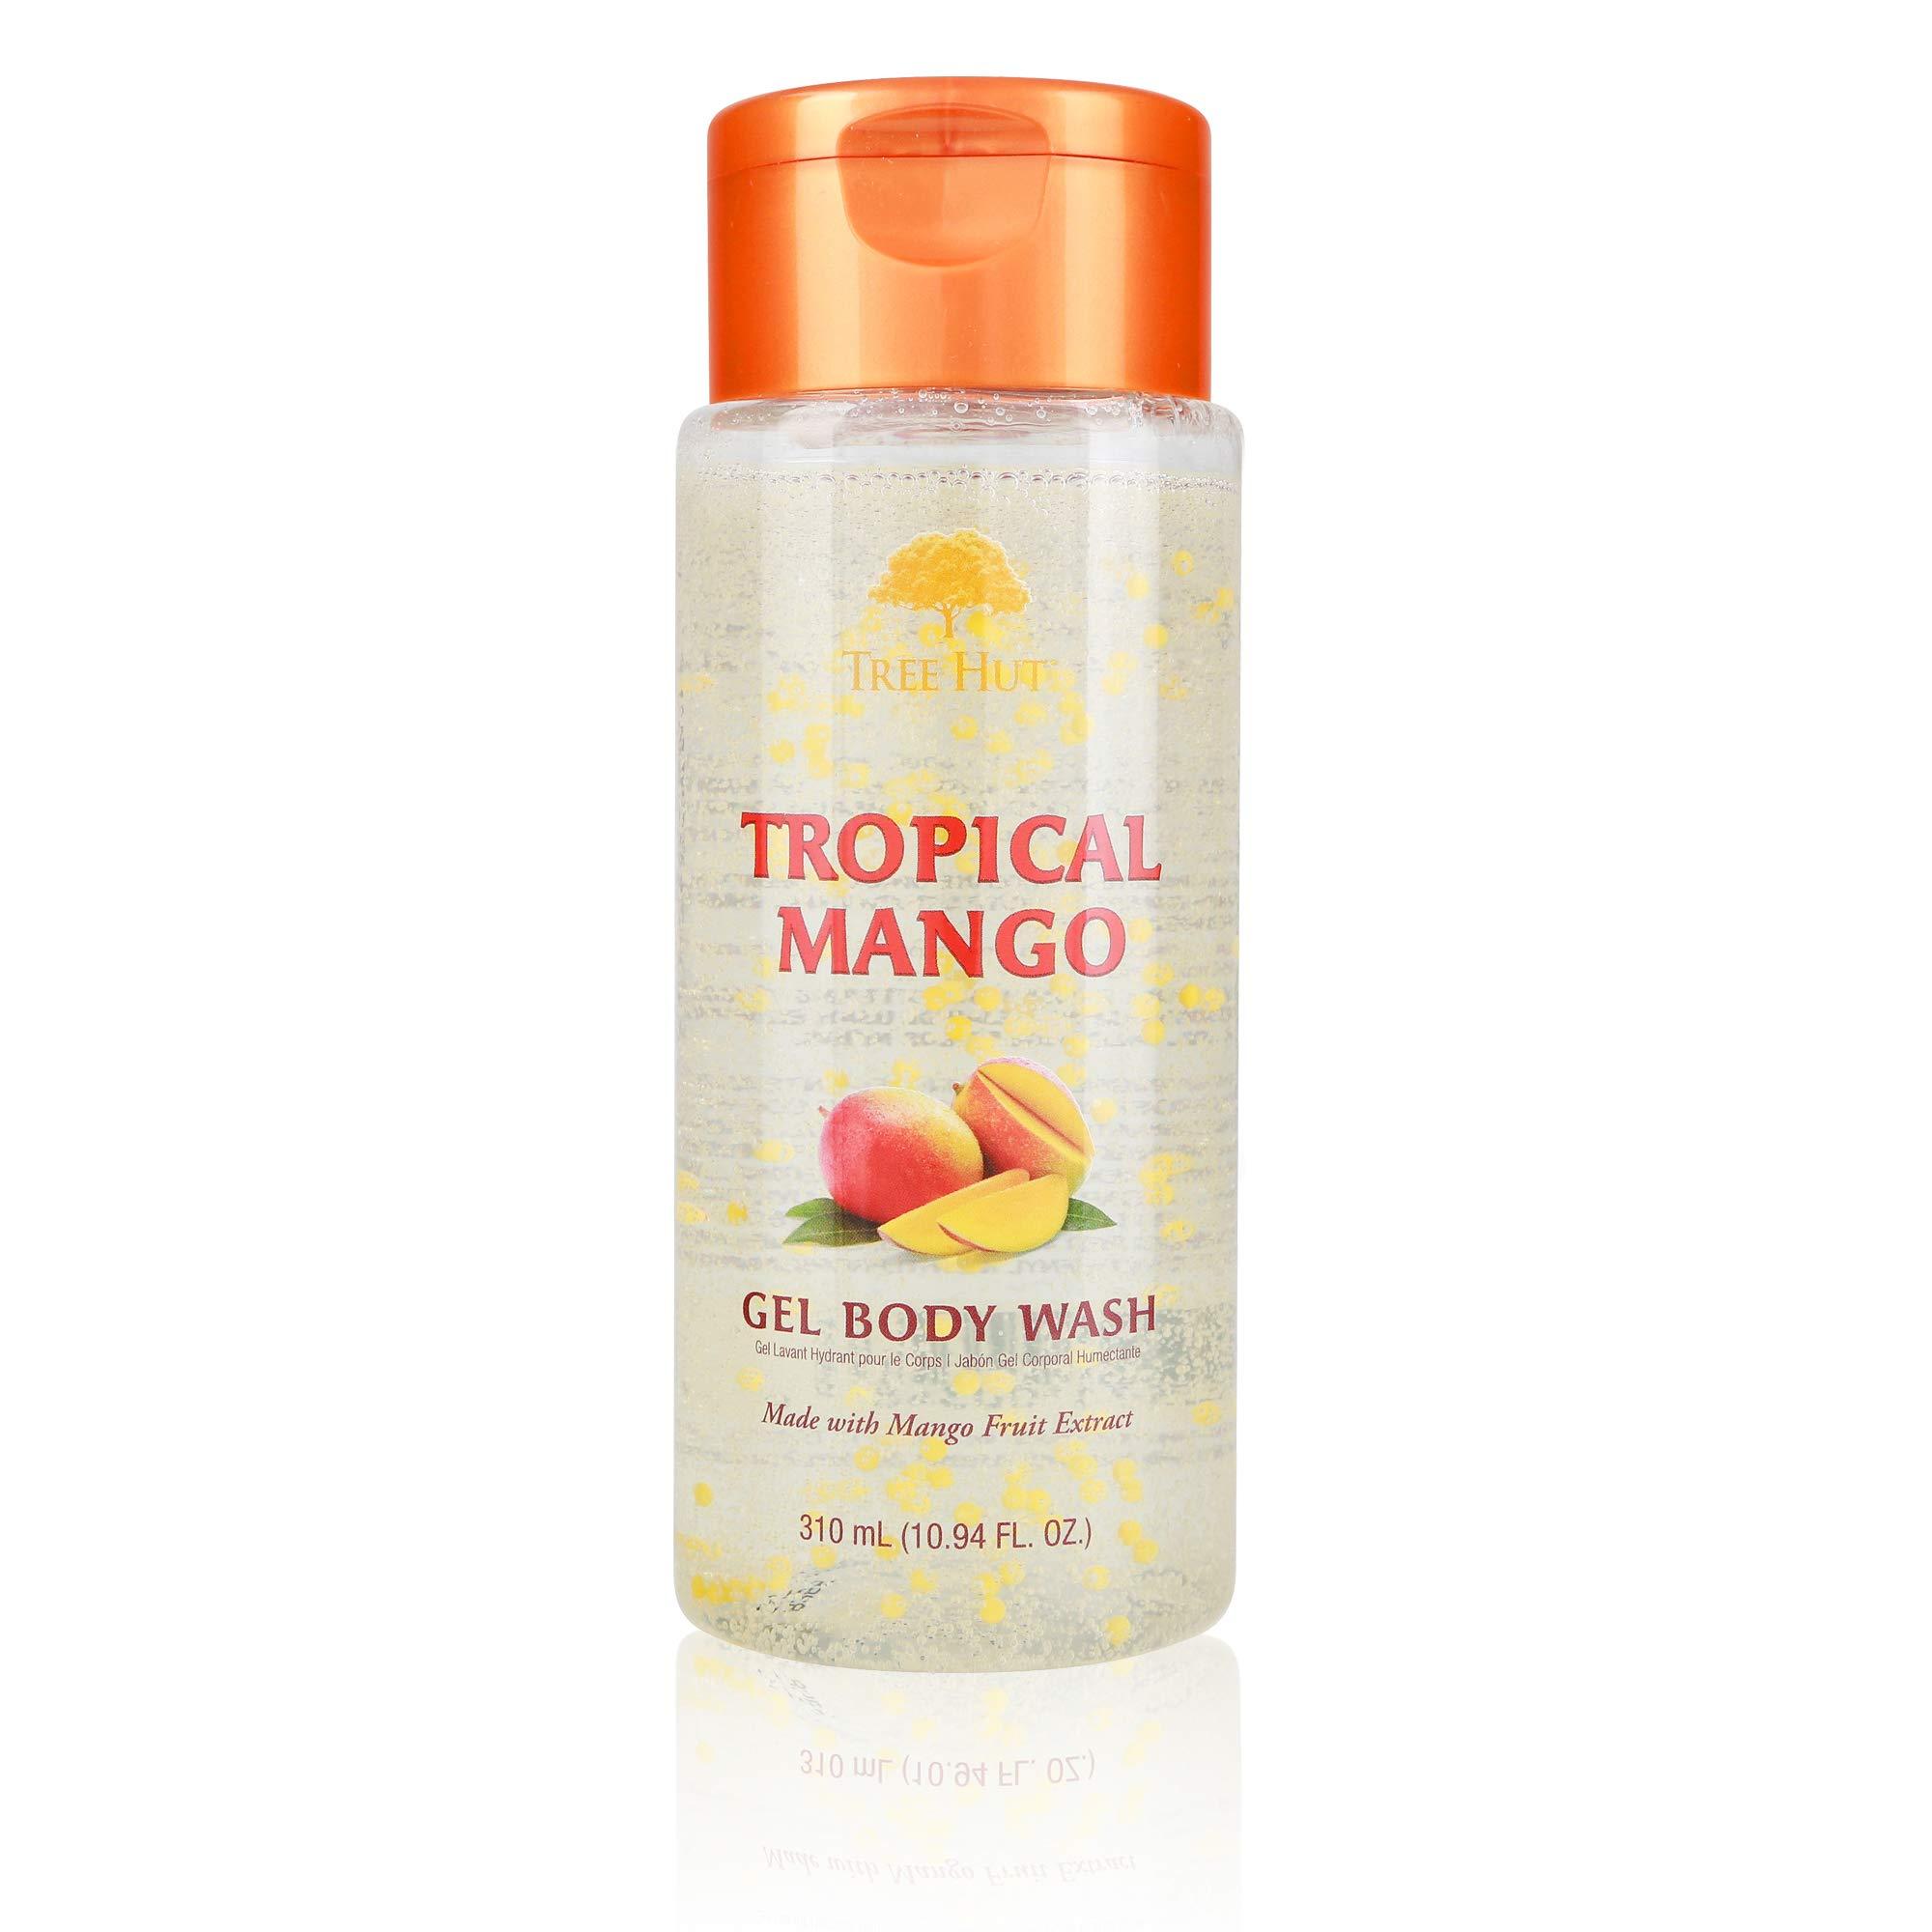 Tree Hut Moisturizing Gel Body Wash Tropical Mango, 10.94oz, Ultra Hydrating Gel Body Wash for Nourishing Essential Body Care